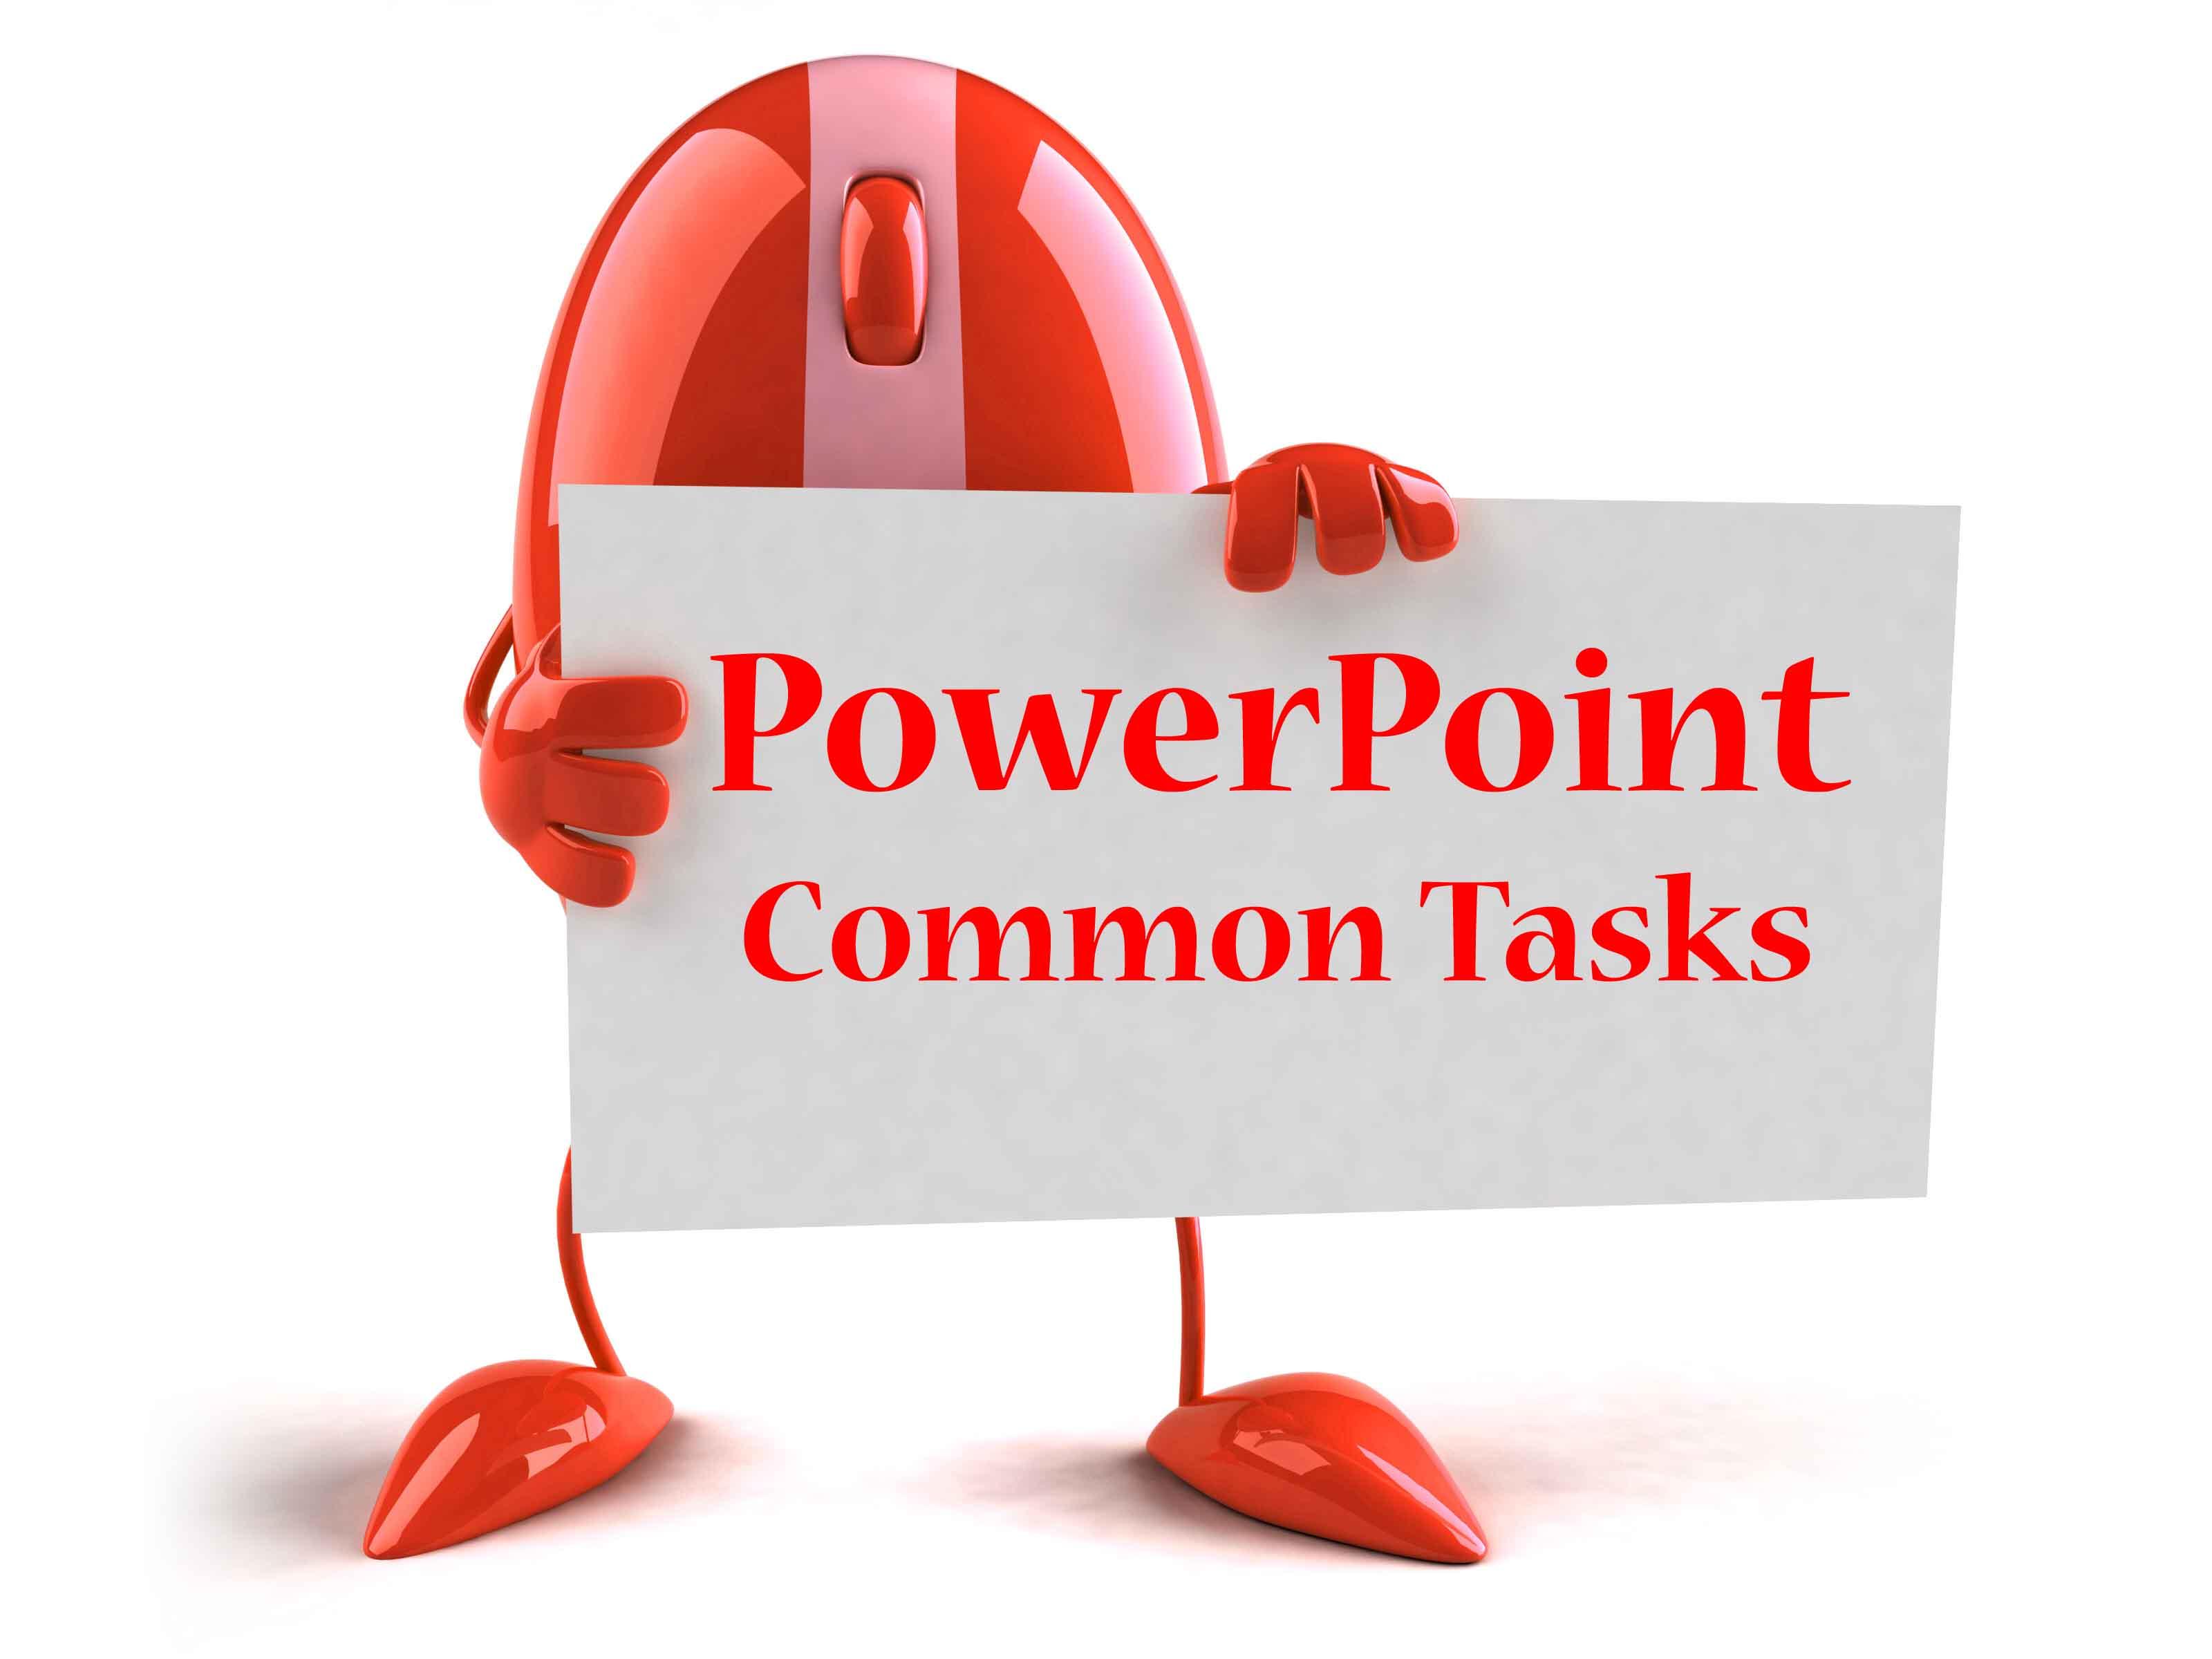 PowerPoint Common Tasks